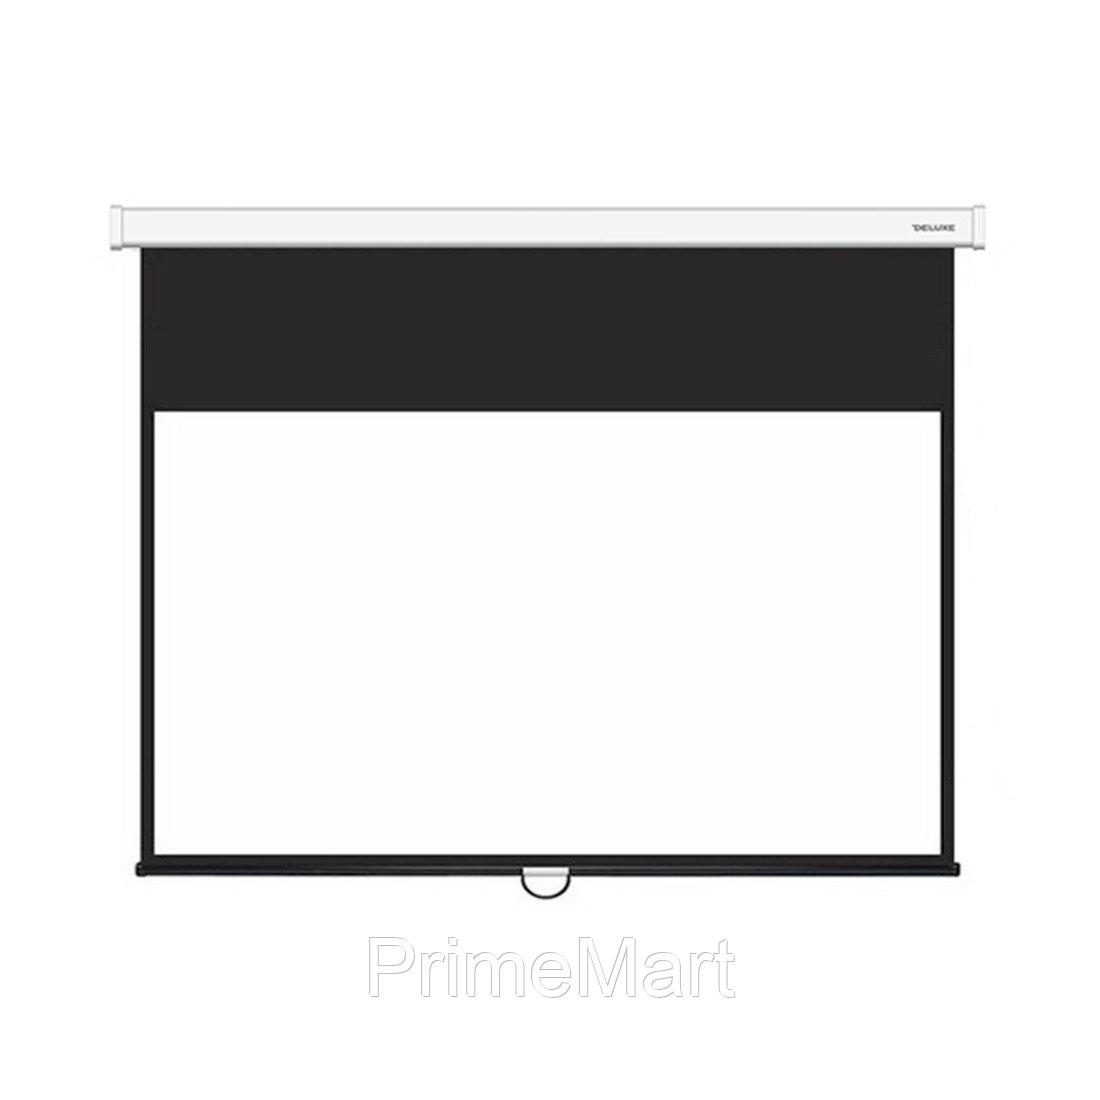 Экран механический, Deluxe, Настенный/потолочный, Рабочая поверхность 195х145 см, 4:3, Matt white, Белый